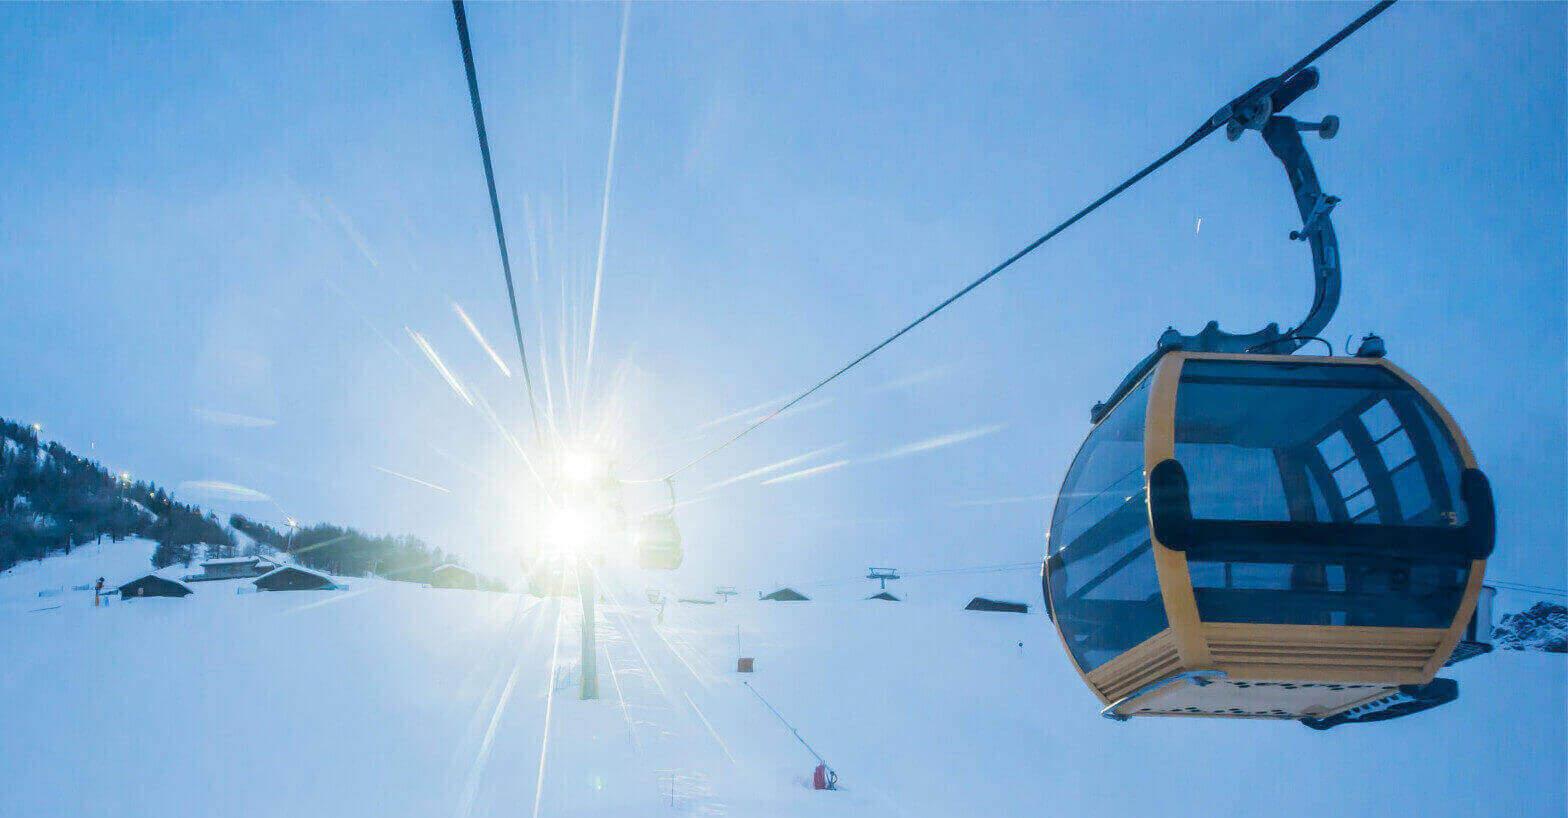 impianti ski area sitas s.p.a.